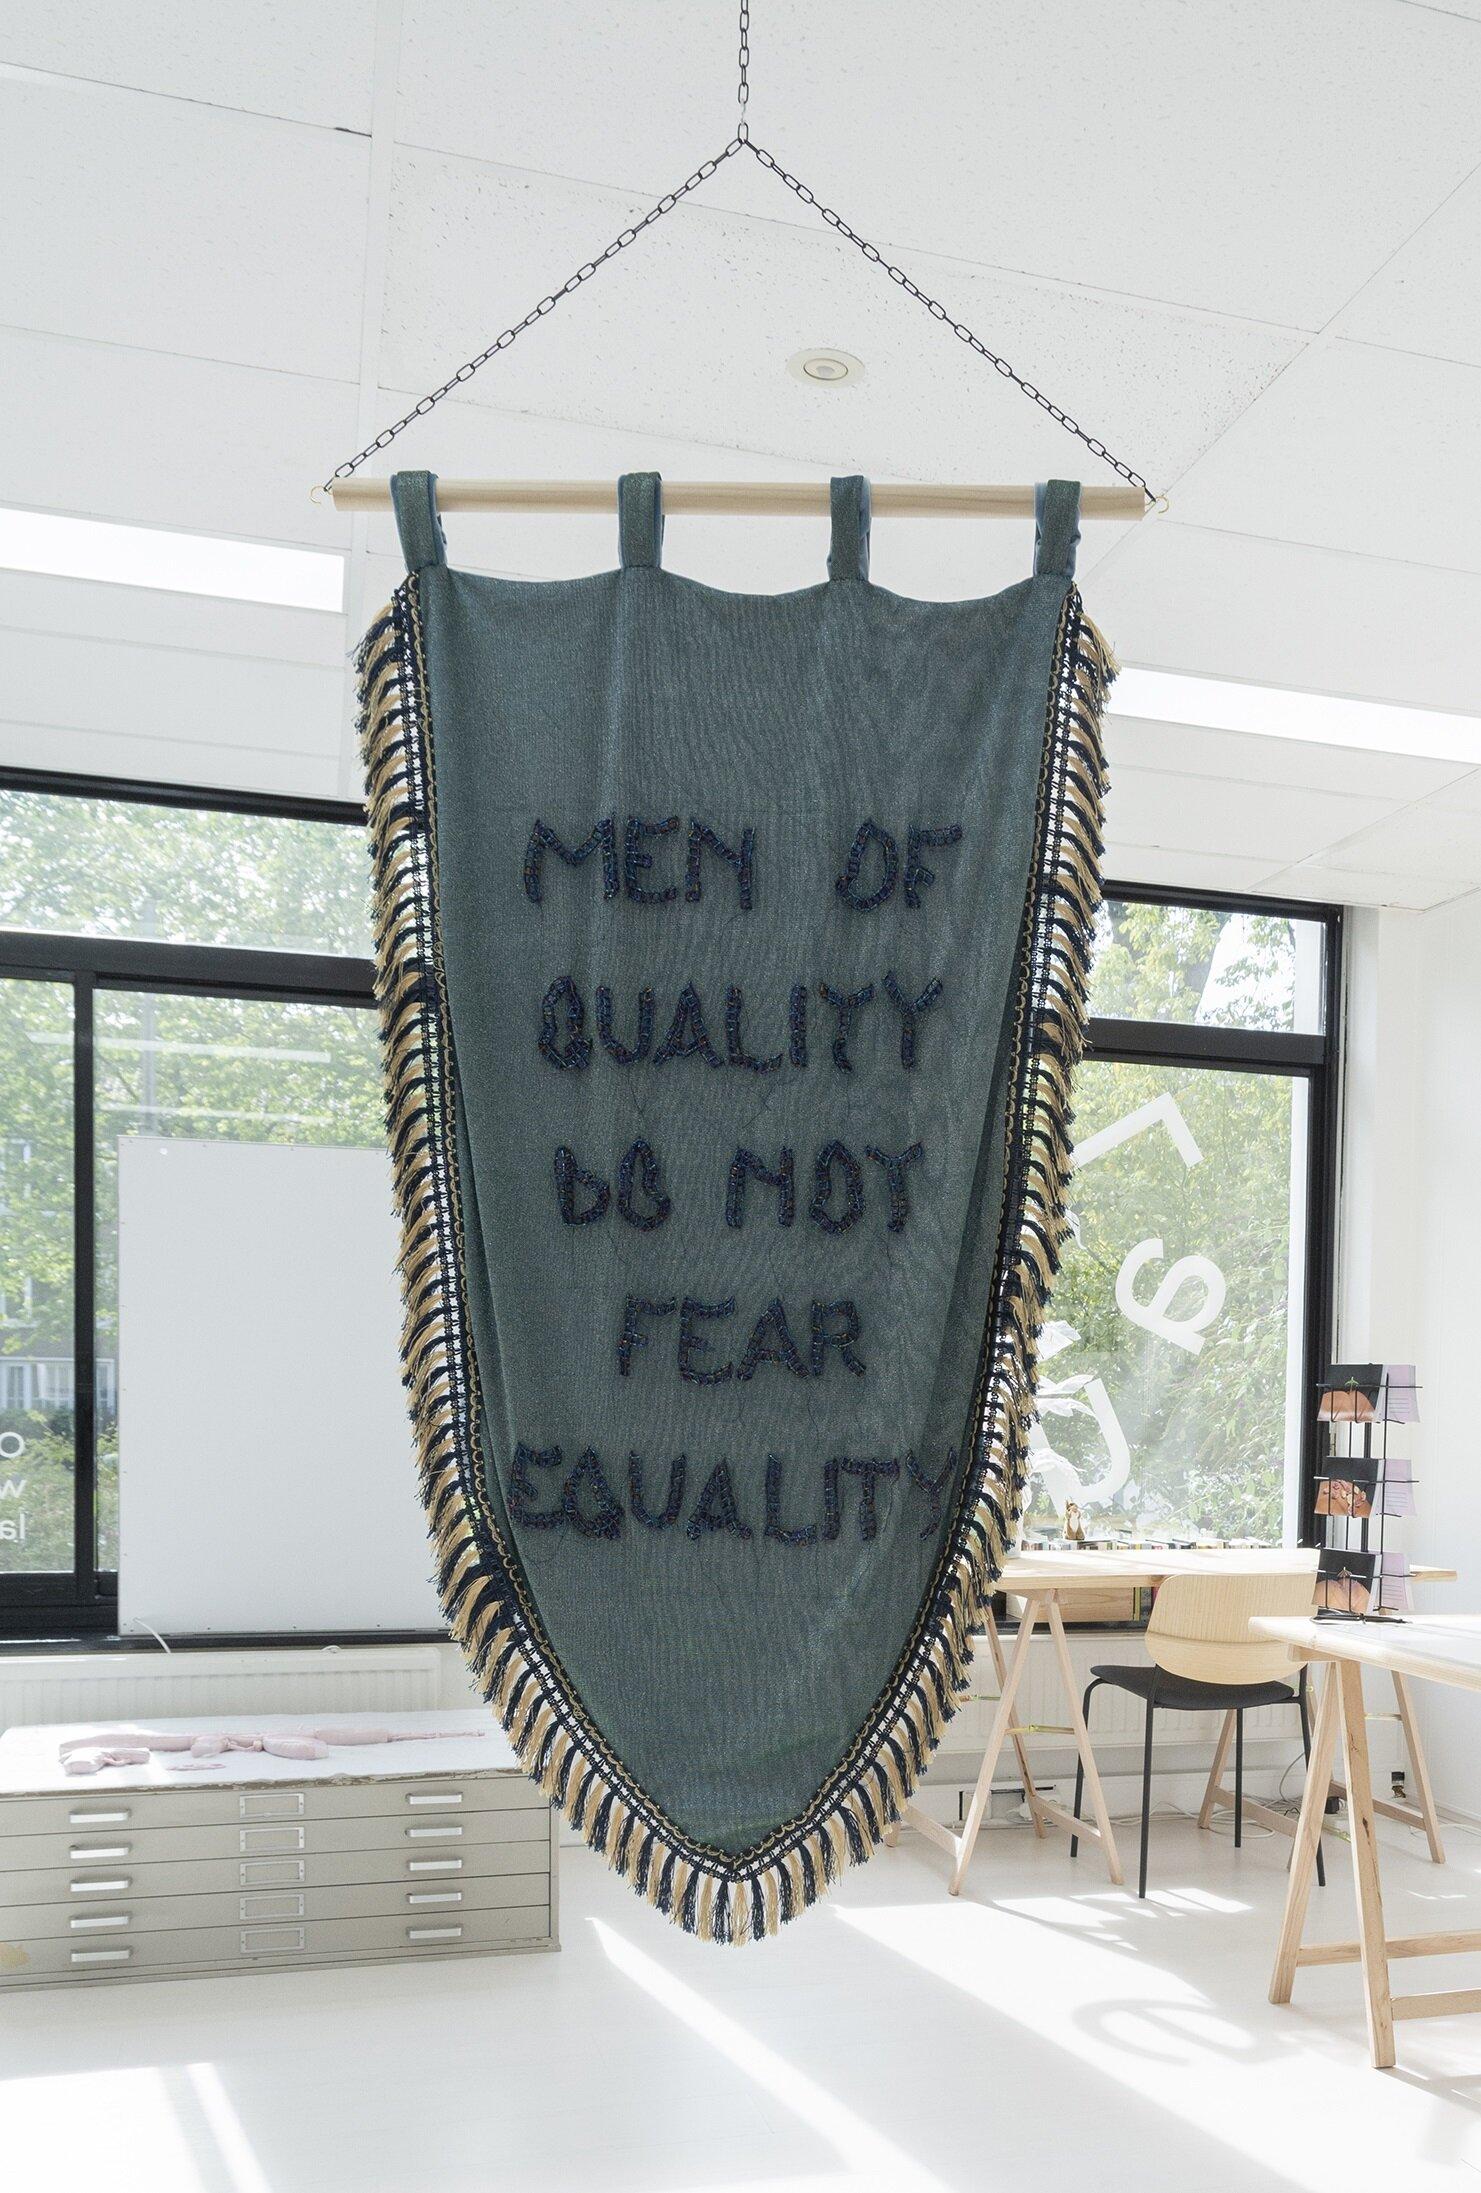 Men of Quality - Joyce Overheul, Men of Quality, 2019glazen kralen, metallic polyester, velours, hout, handgemaakt tijdens Aria Residency Teheran, ca. 138 x 80 x 2cm, uniek€ 3.350,- incl. btw, certificaat van authenticiteit